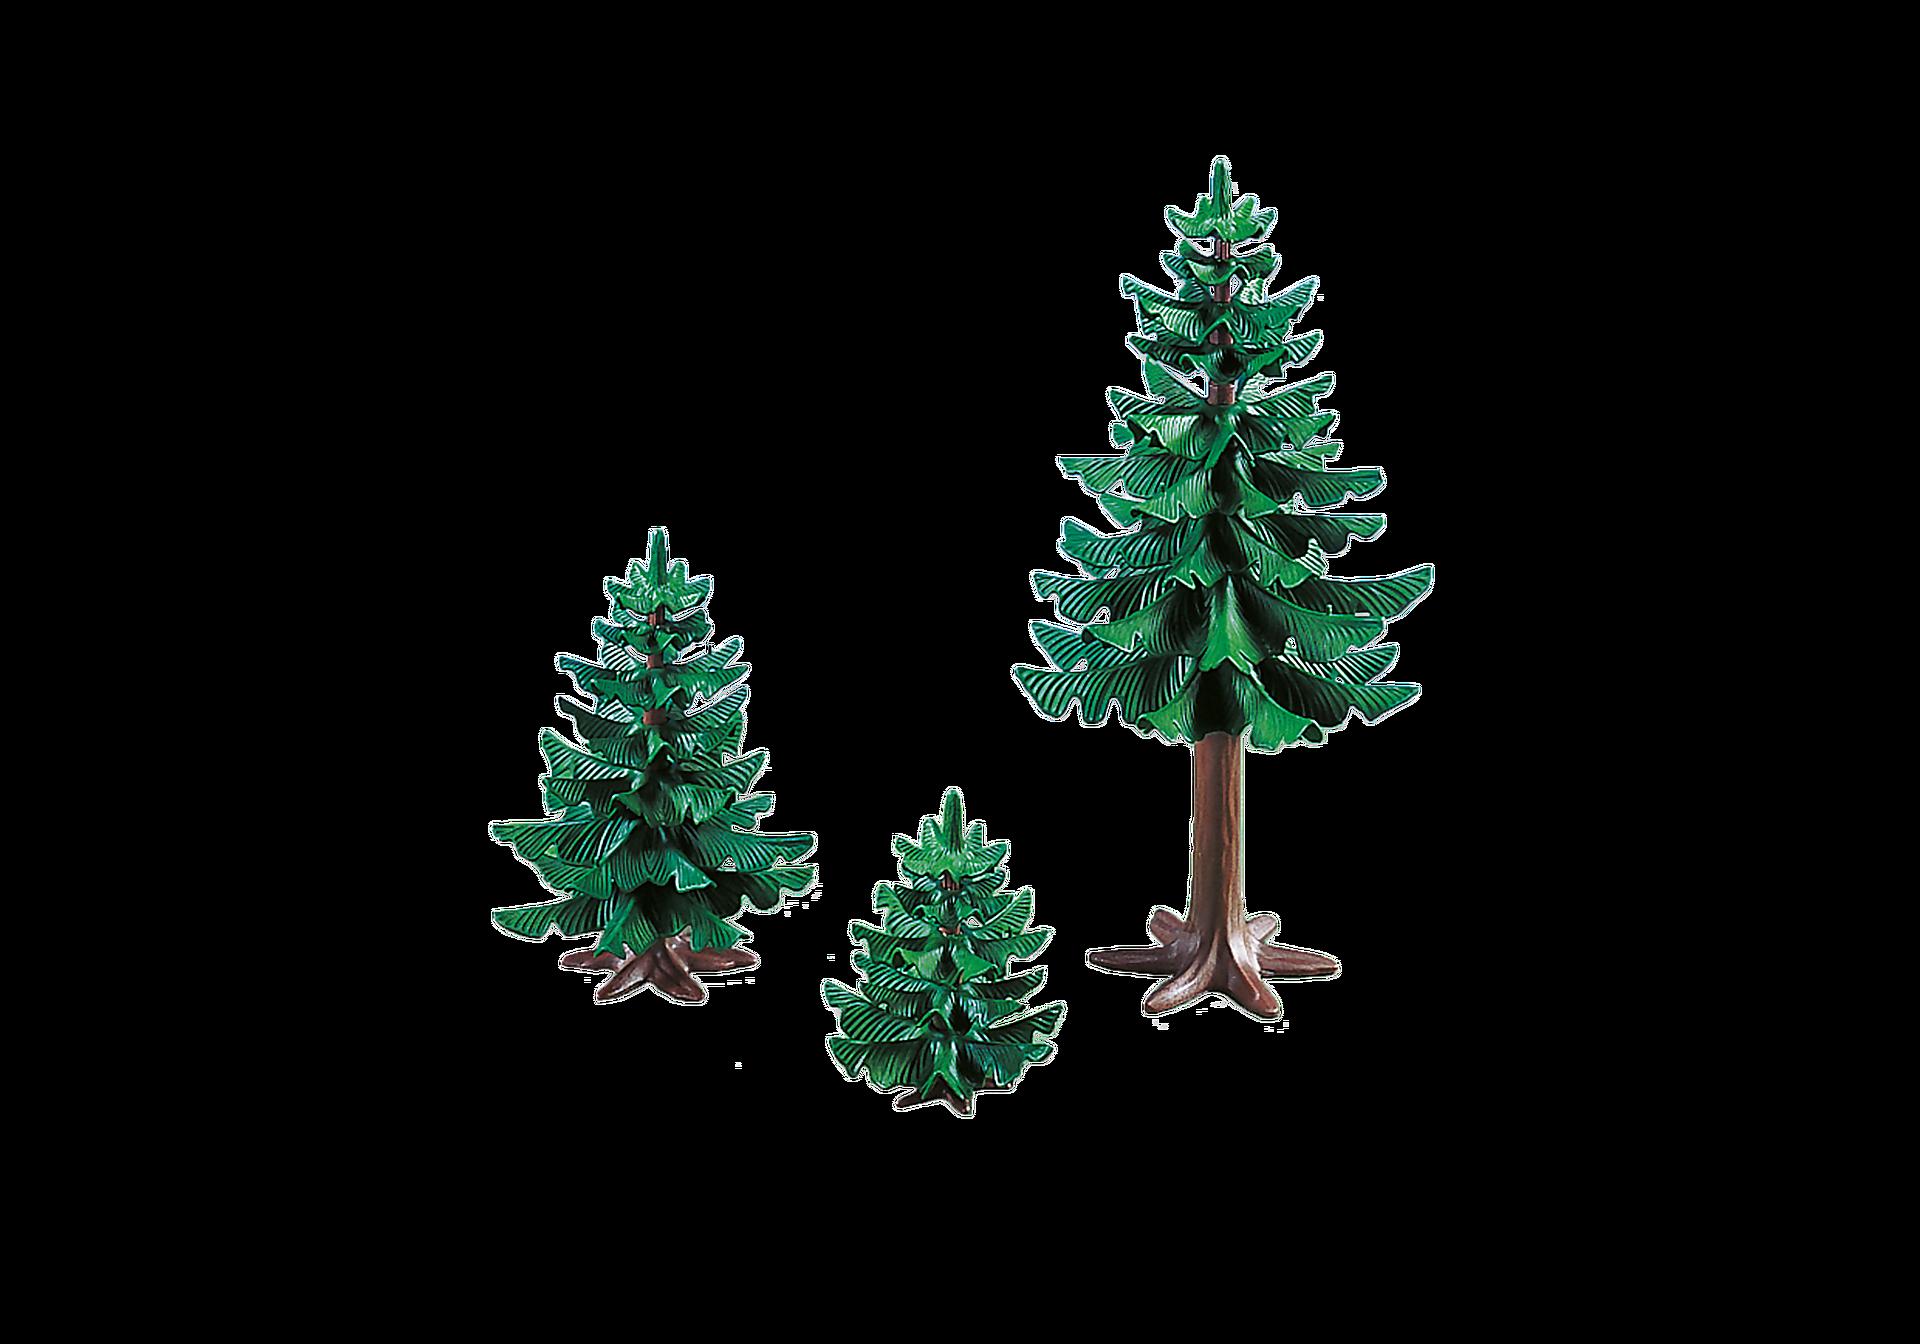 7725 3 Pine Trees zoom image1